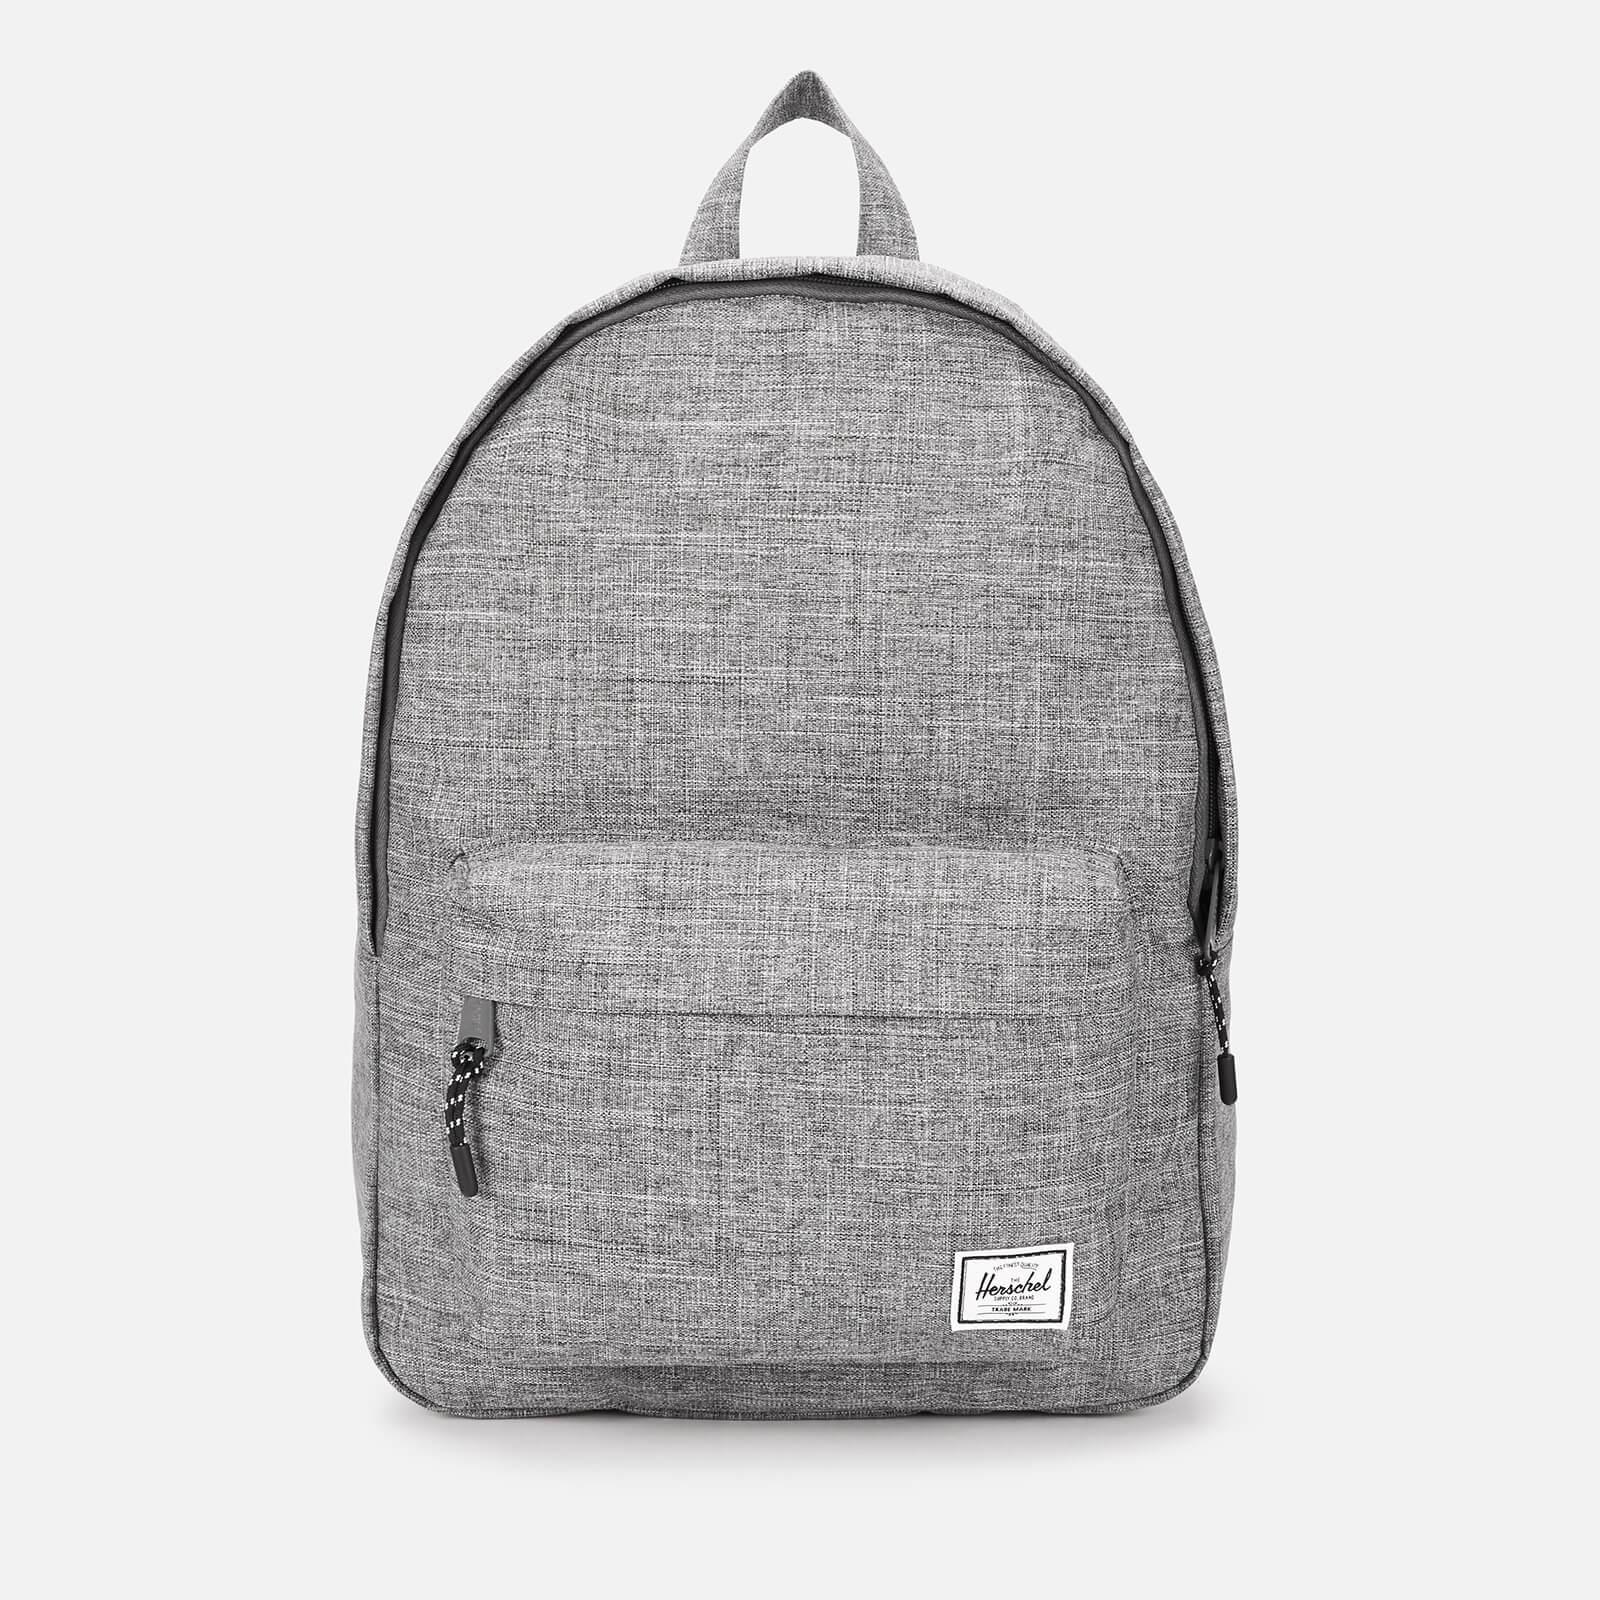 Herschel Supply Co. Men's Classic Backpack - Raven Crosshatch